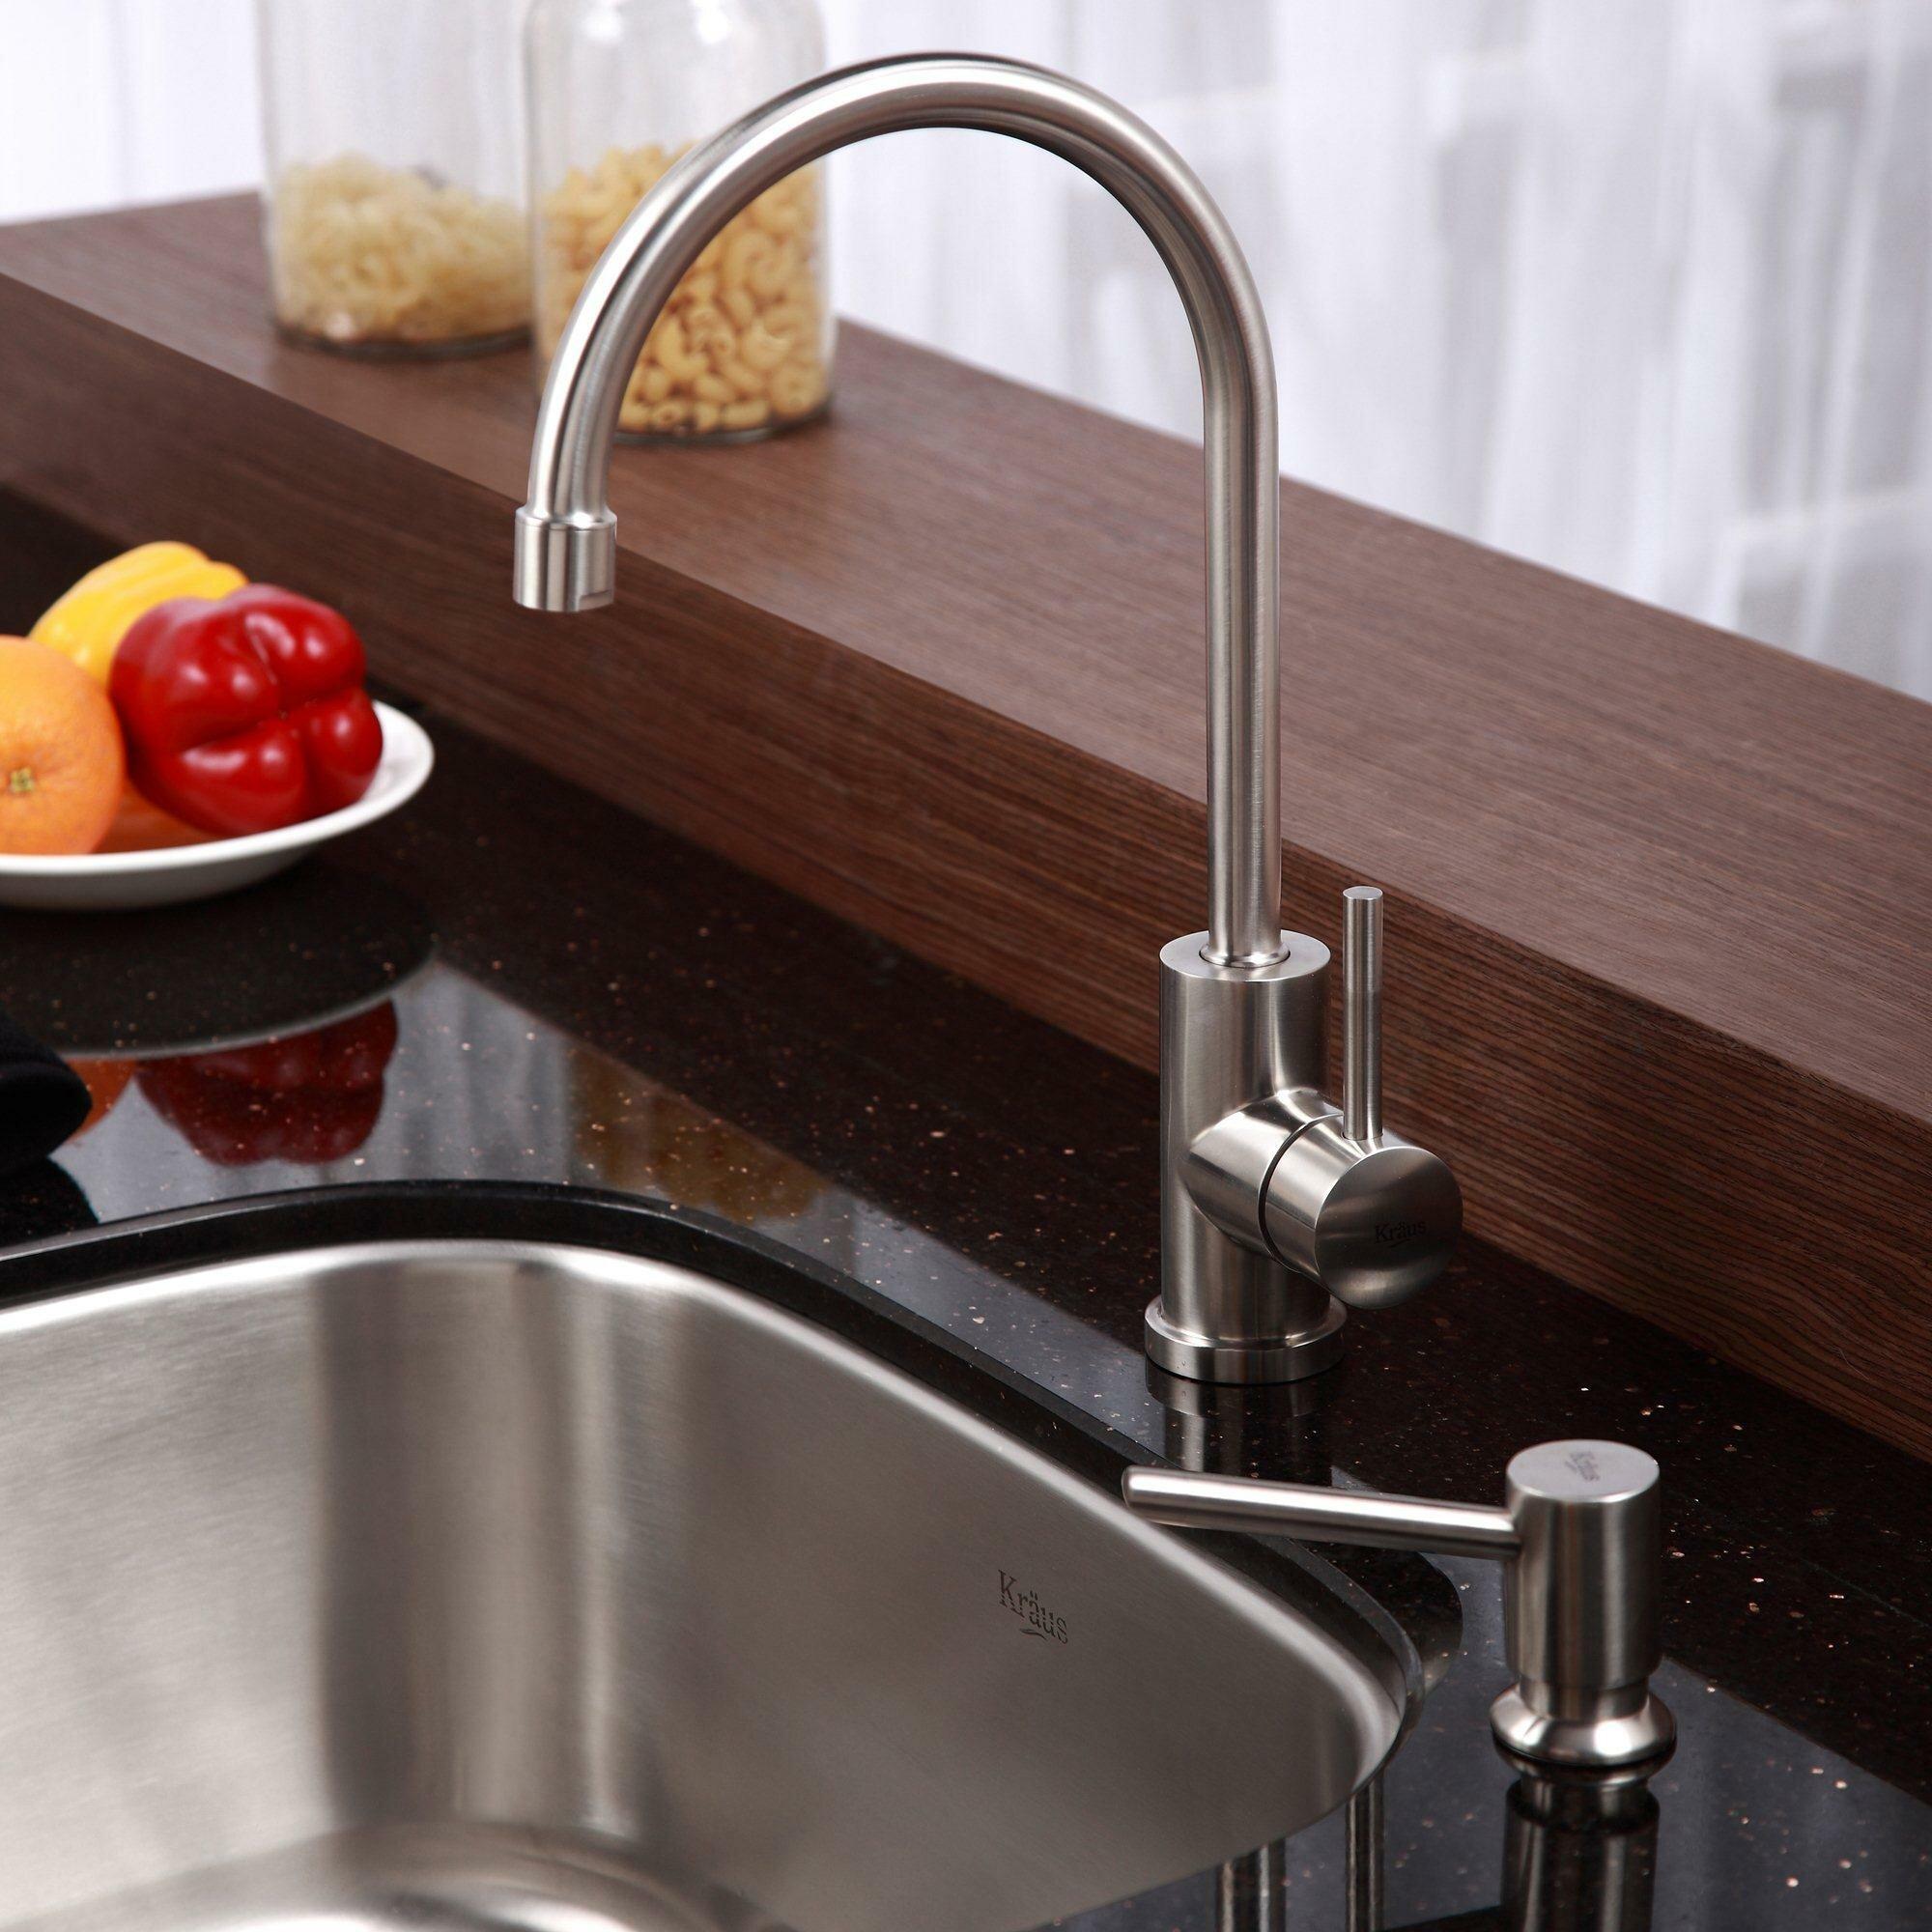 Kraus Kitchen Sink Reviews : Kraus Stainless Steel Undermount Single Bowl Kitchen Sink with Kitchen ...